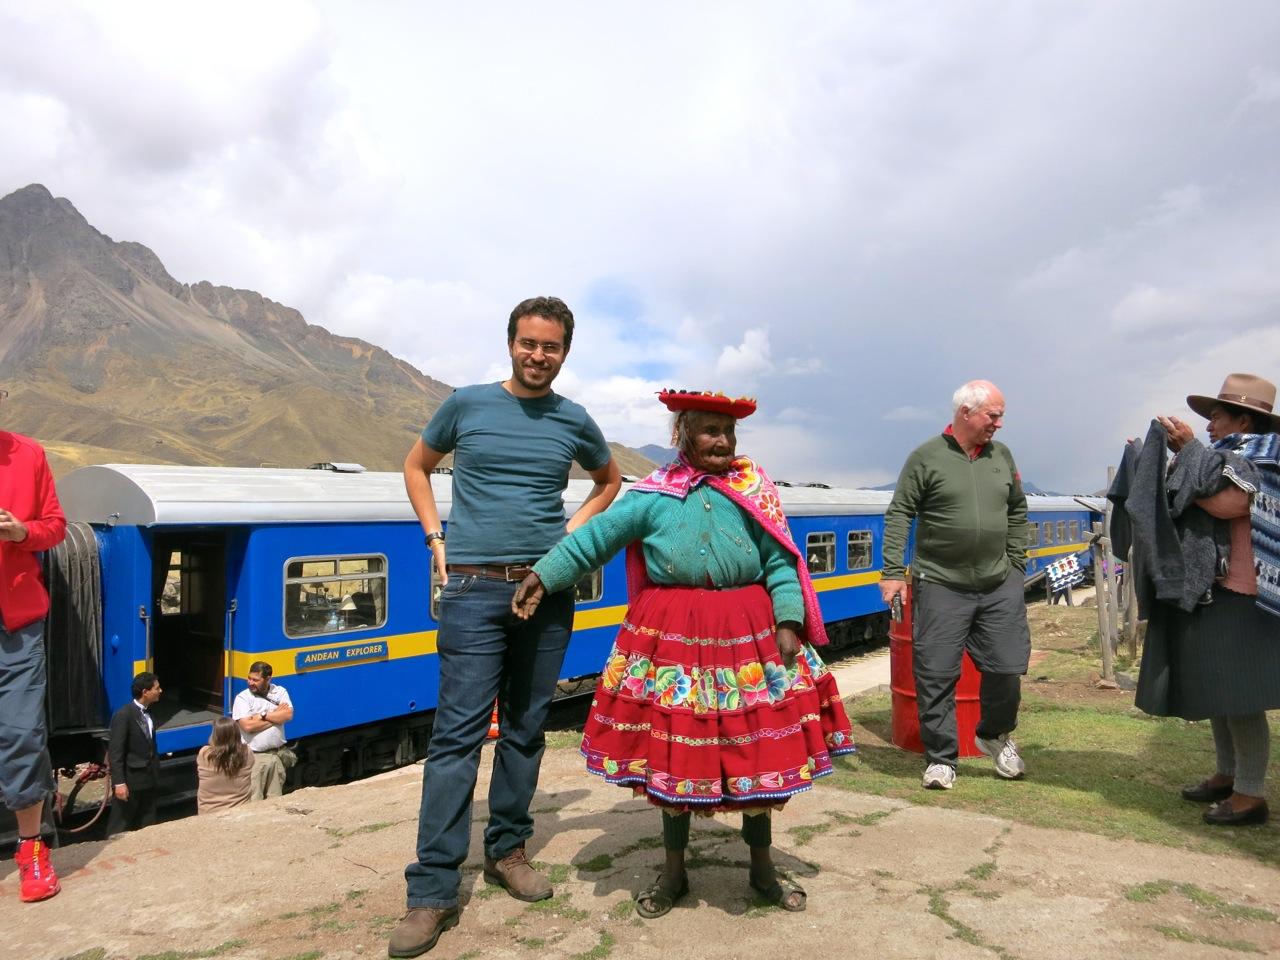 Andes trem 1-15